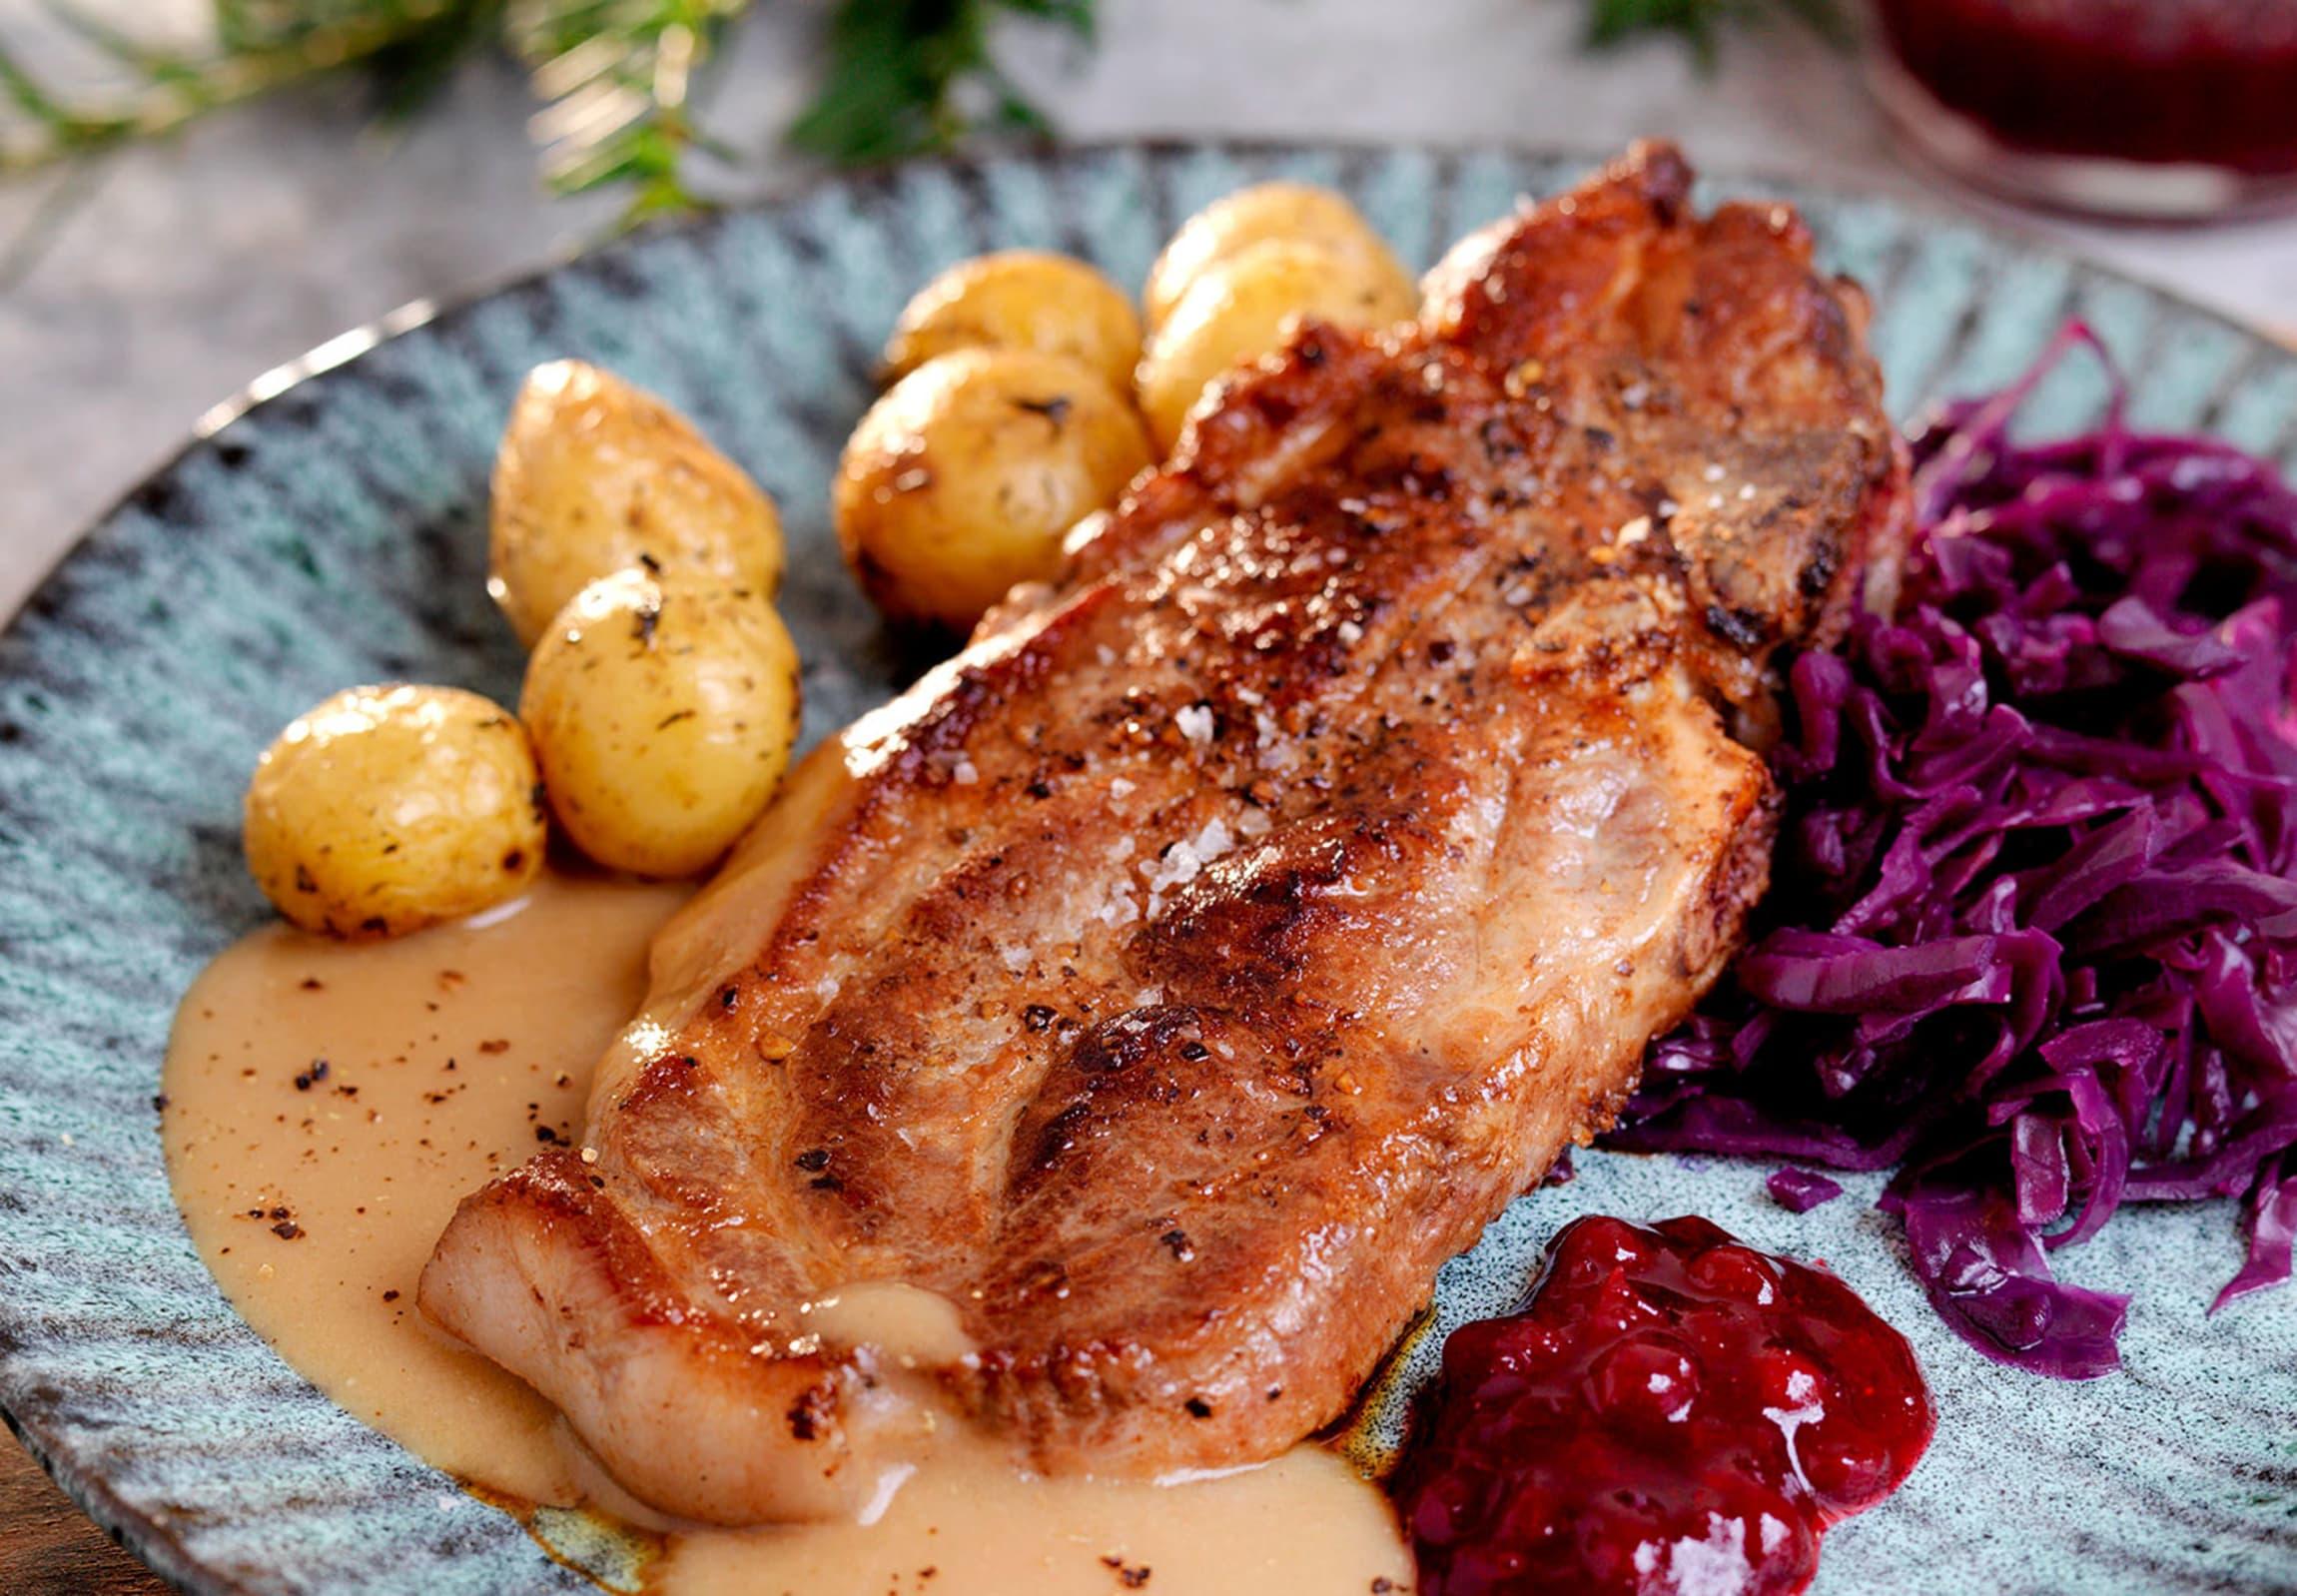 SMAK AV JUL: Nakkekoteletter med julesaus og rødkål gir deg en forsmak på julen.